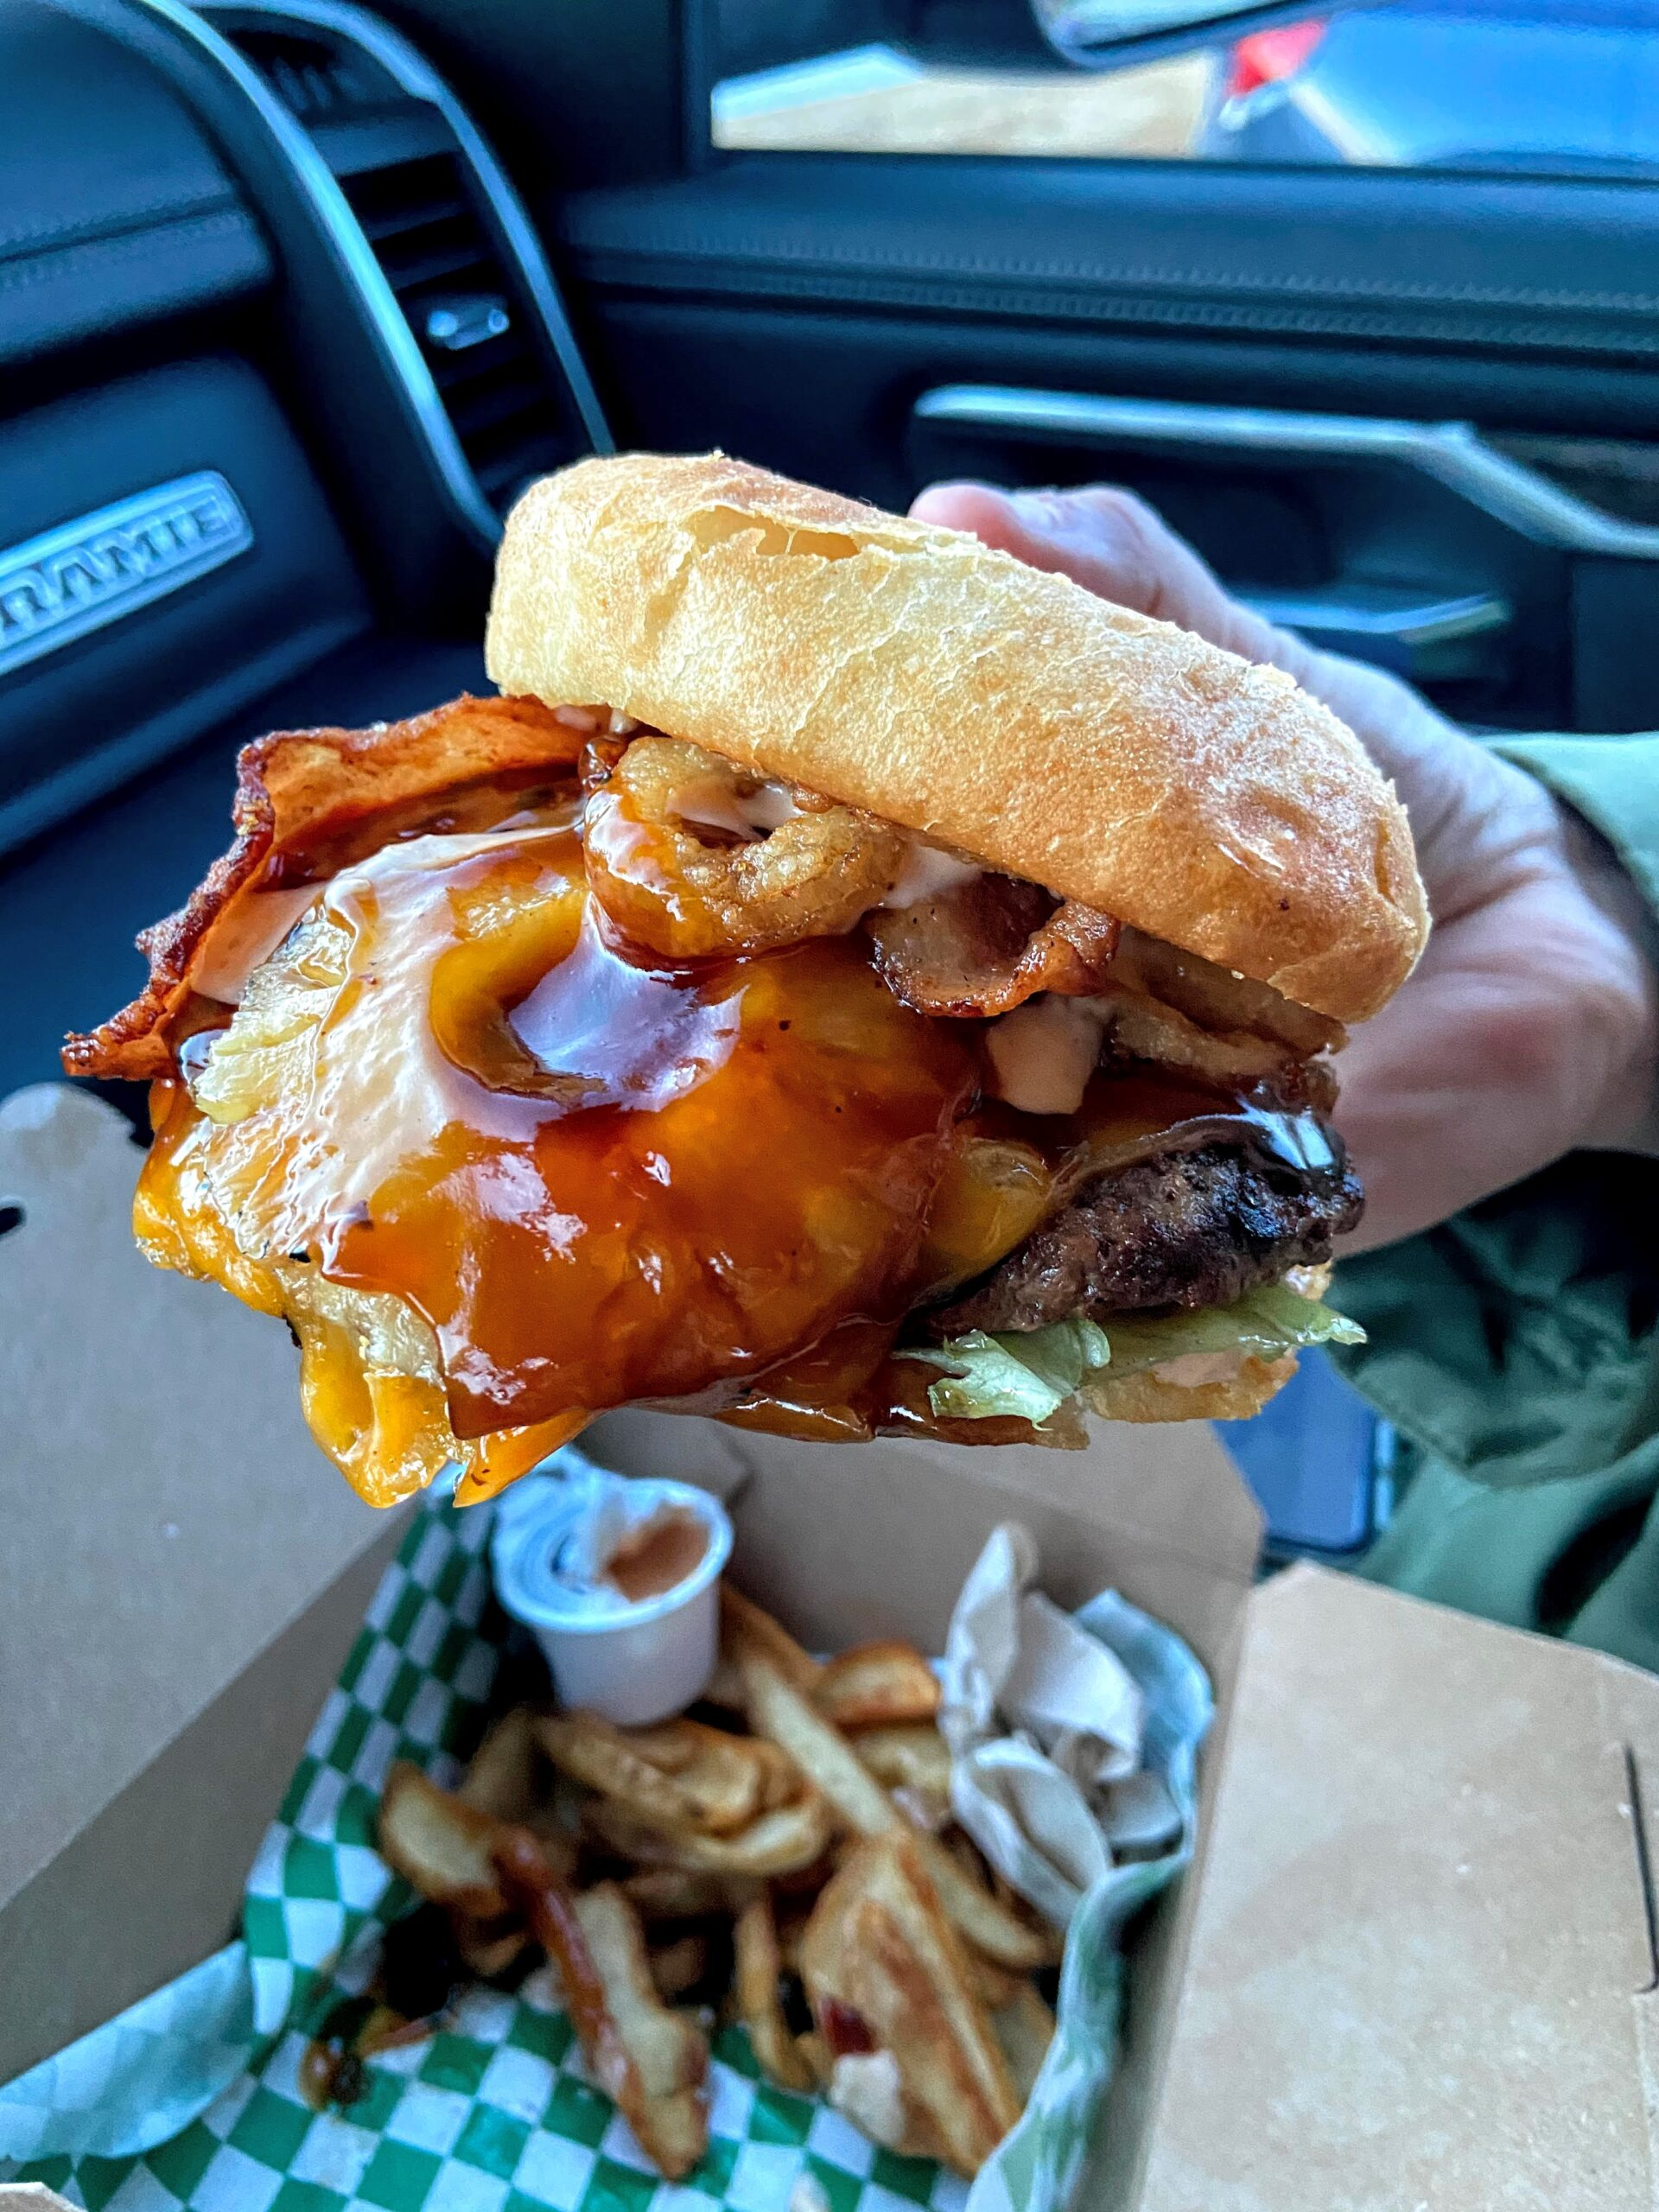 Aloha burger from Burgers & Barley